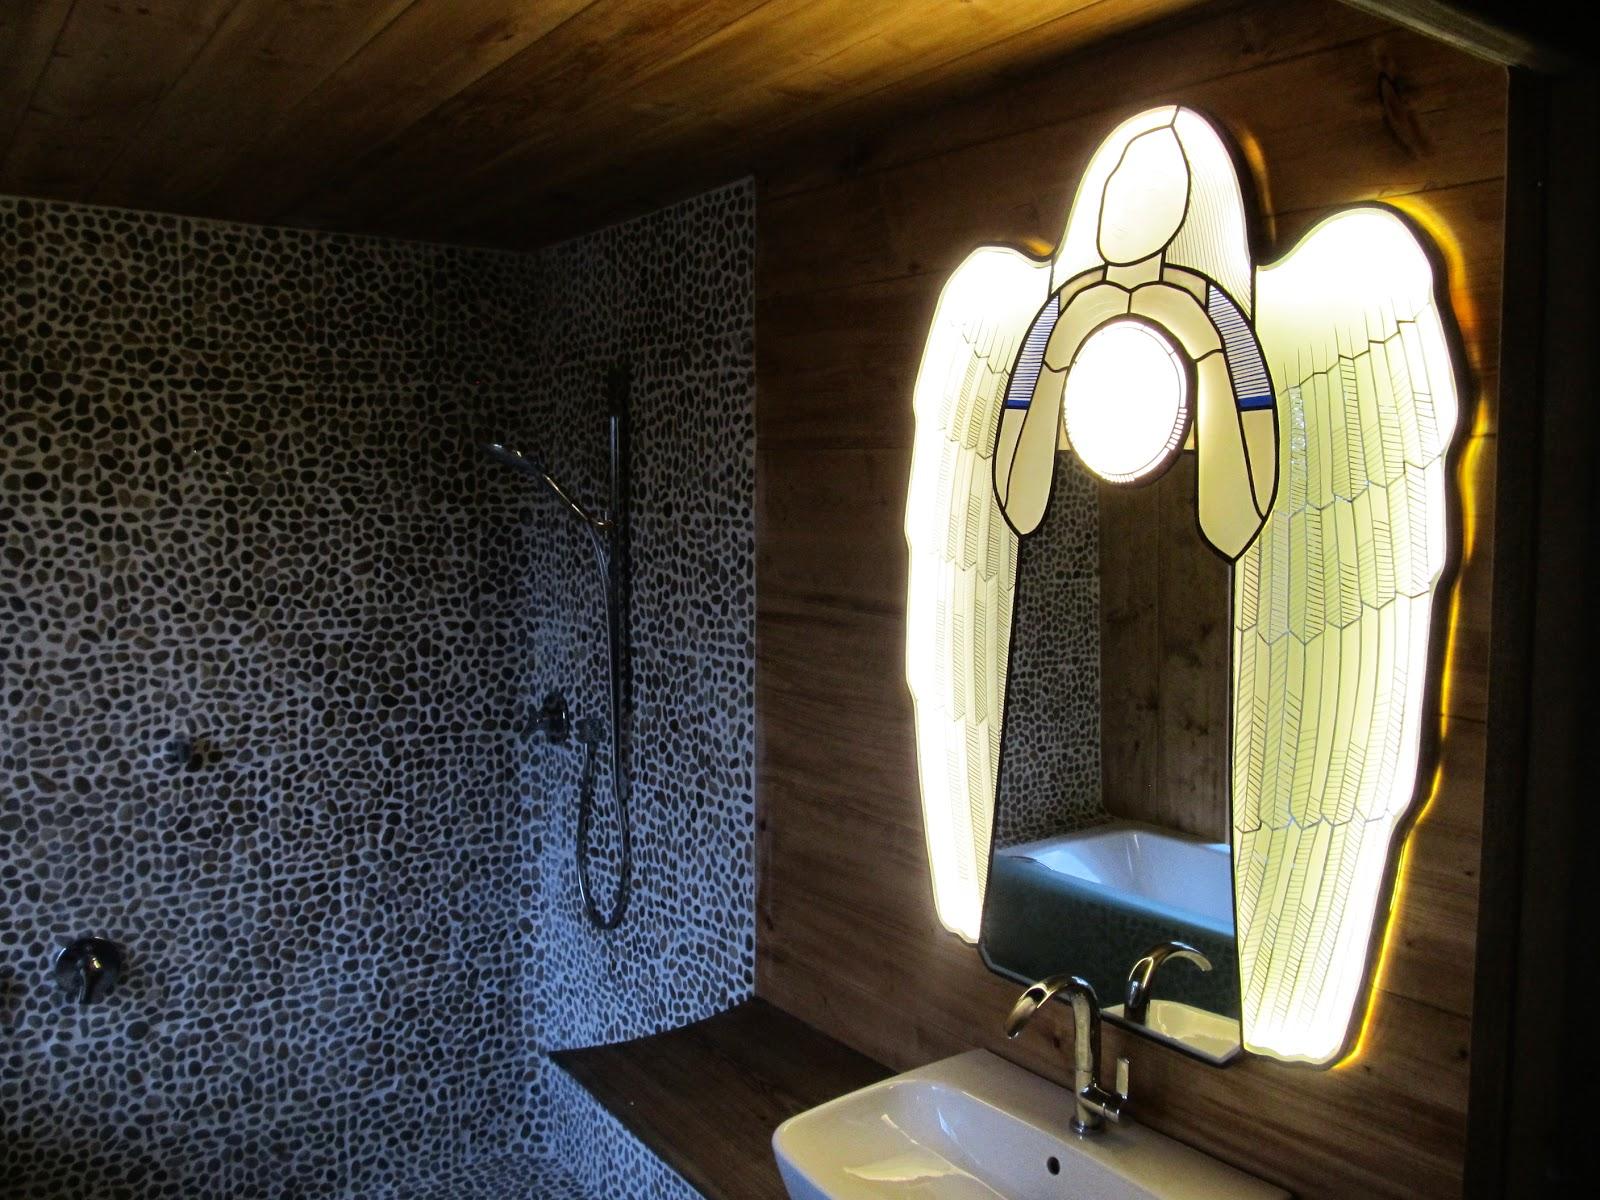 vitrážové zrcadlo v koupelně